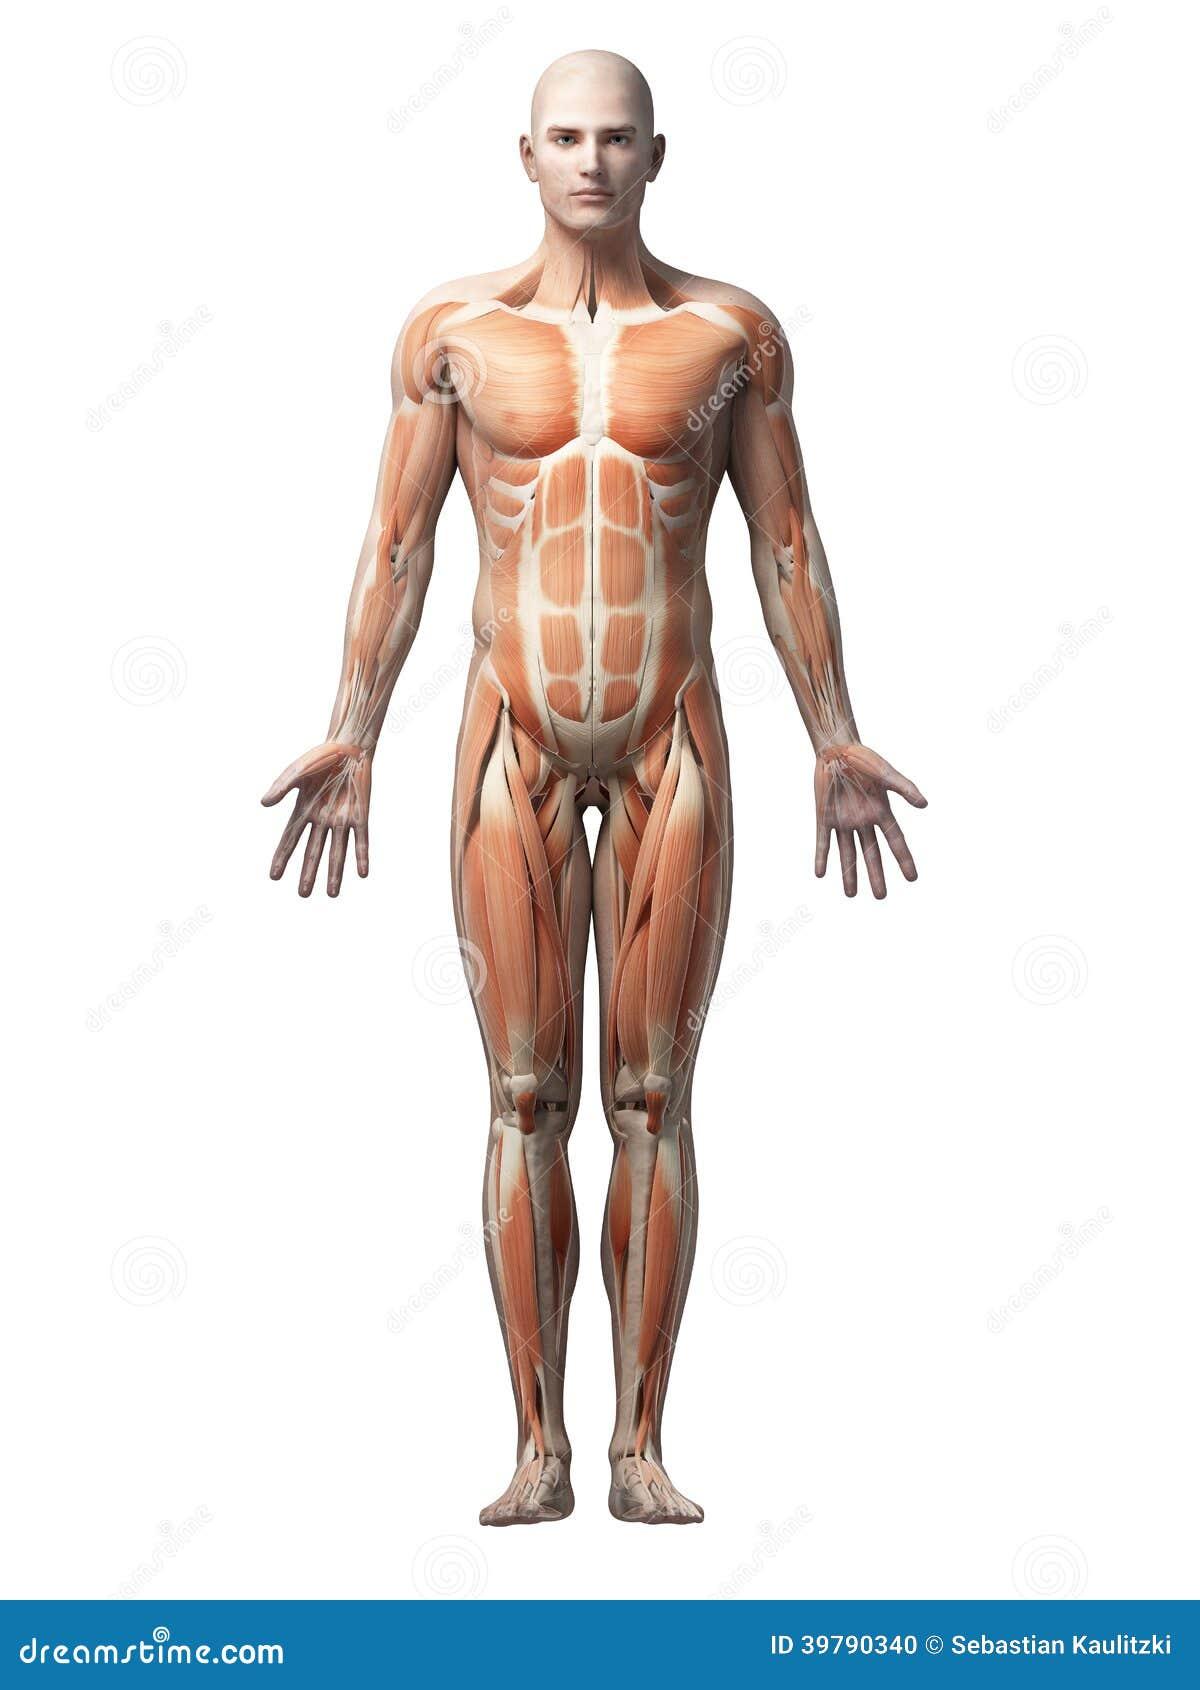 Músculos humanos stock de ilustración. Ilustración de gráfico - 39790340